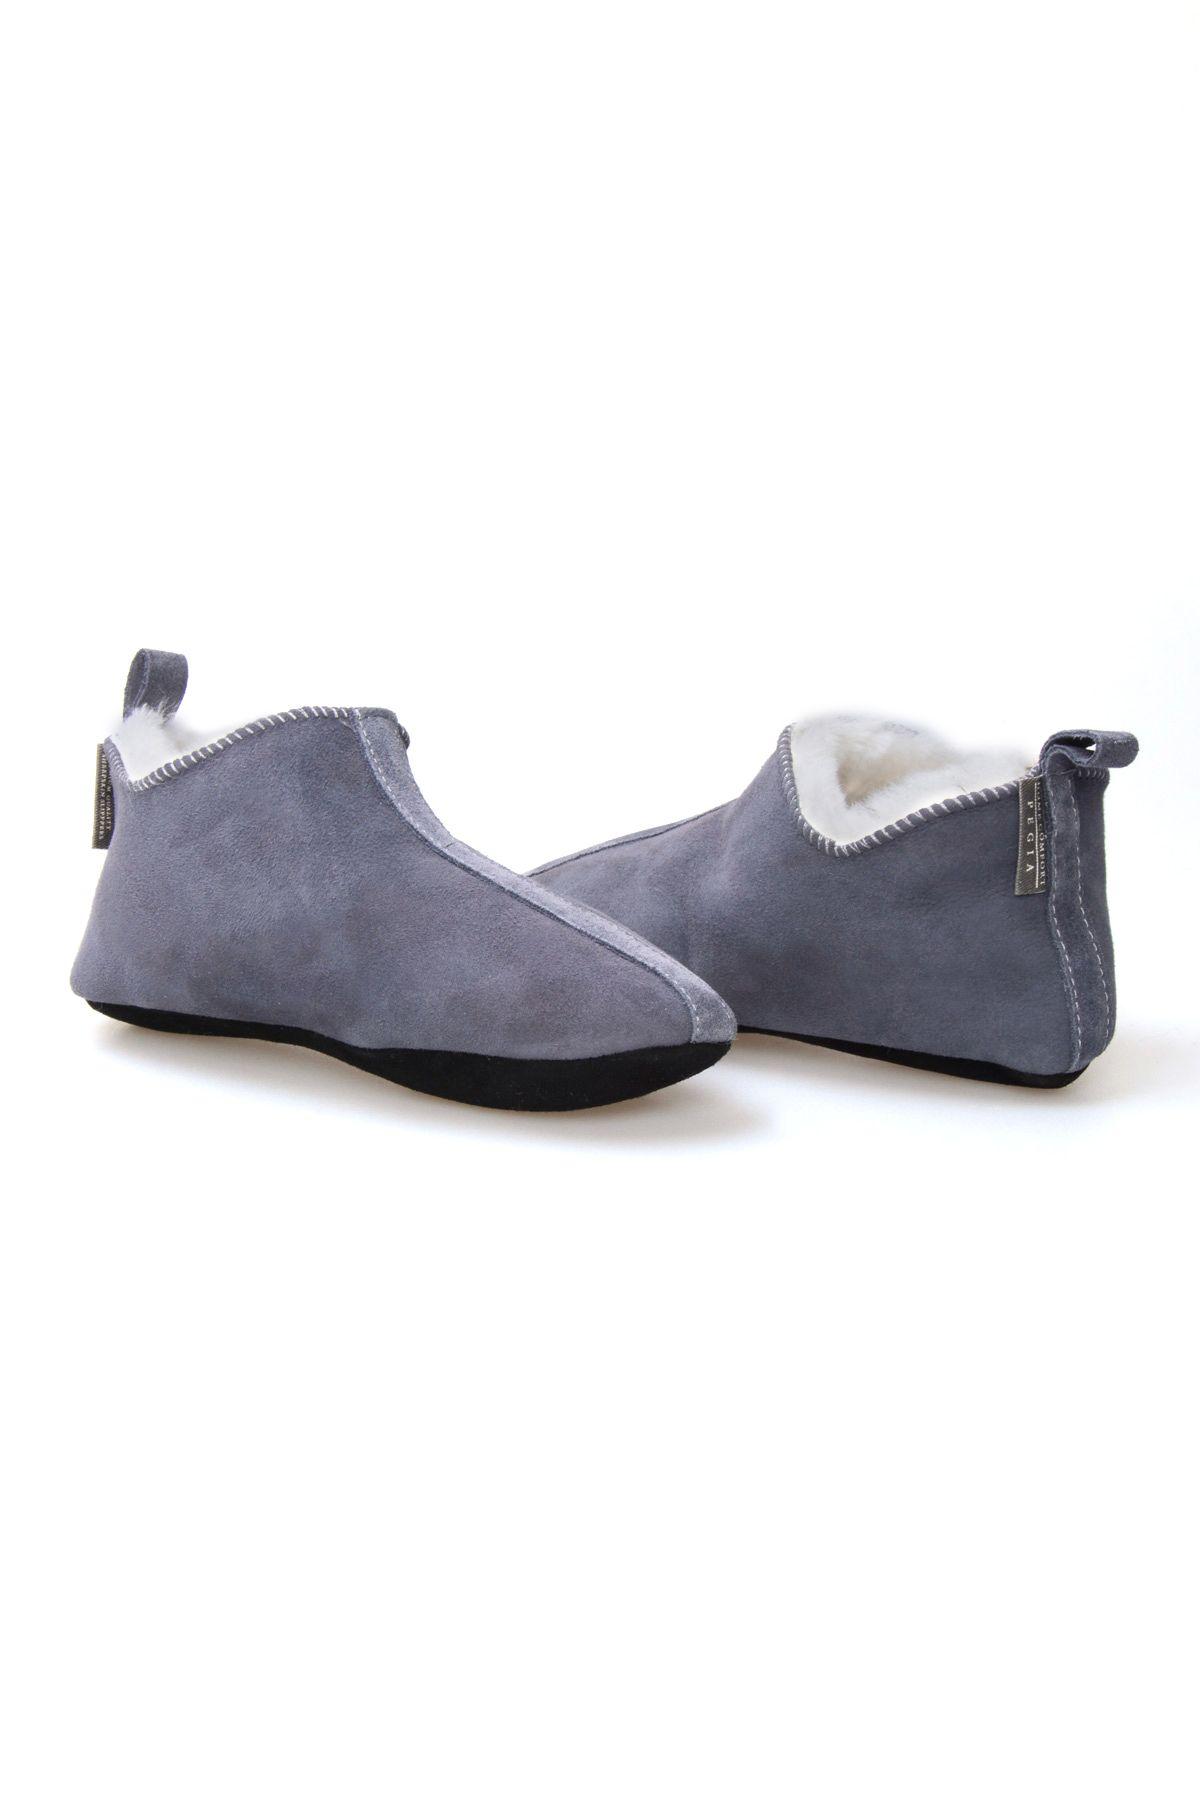 Pegia Женская Домашняя Обувь Из Натуральной Замши И Овечьего Меха 191094 Серый